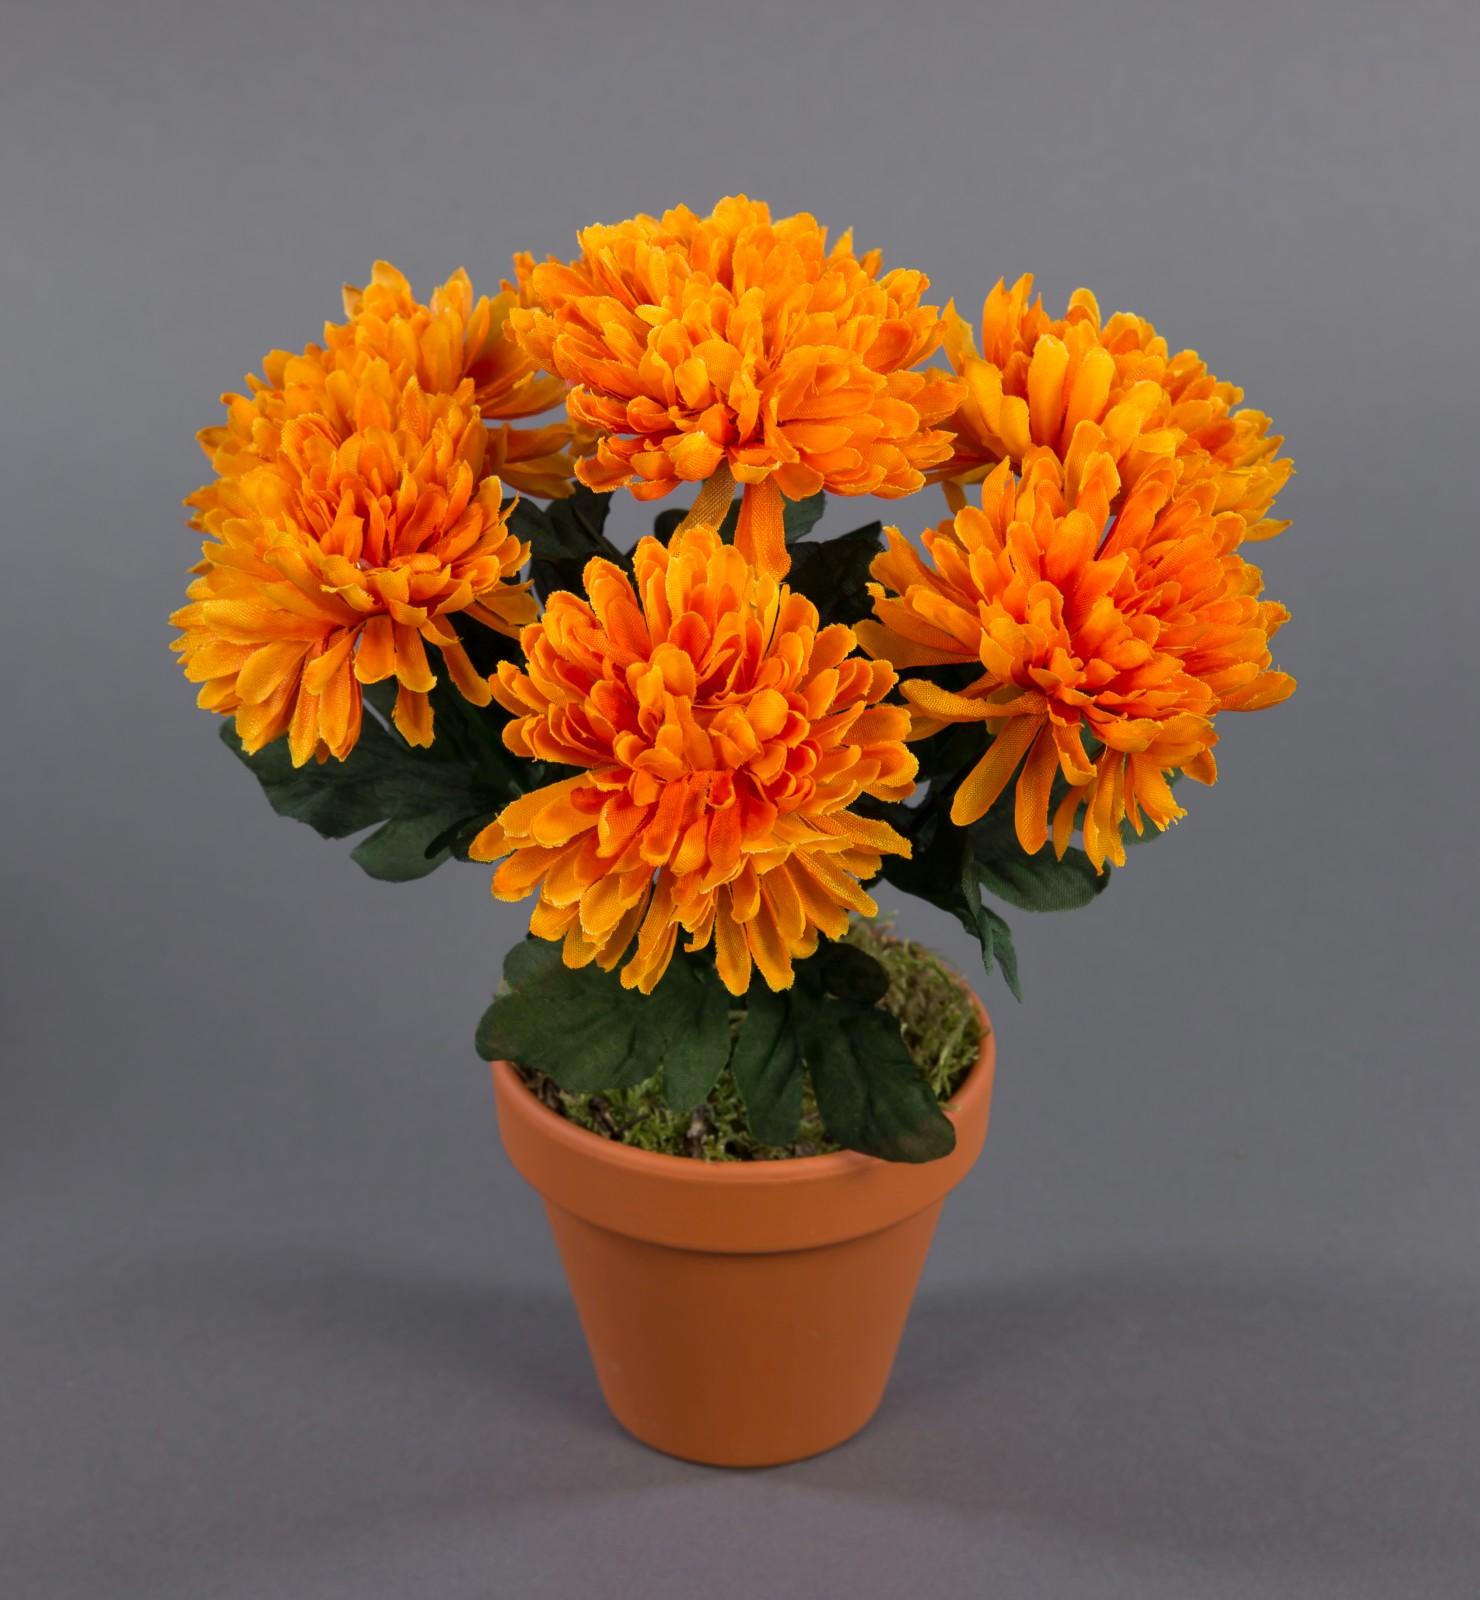 chrysanthemenbusch 26cm orange im topf dp kunstpflanzen k nstliche chrysantheme pflanzen blumen. Black Bedroom Furniture Sets. Home Design Ideas